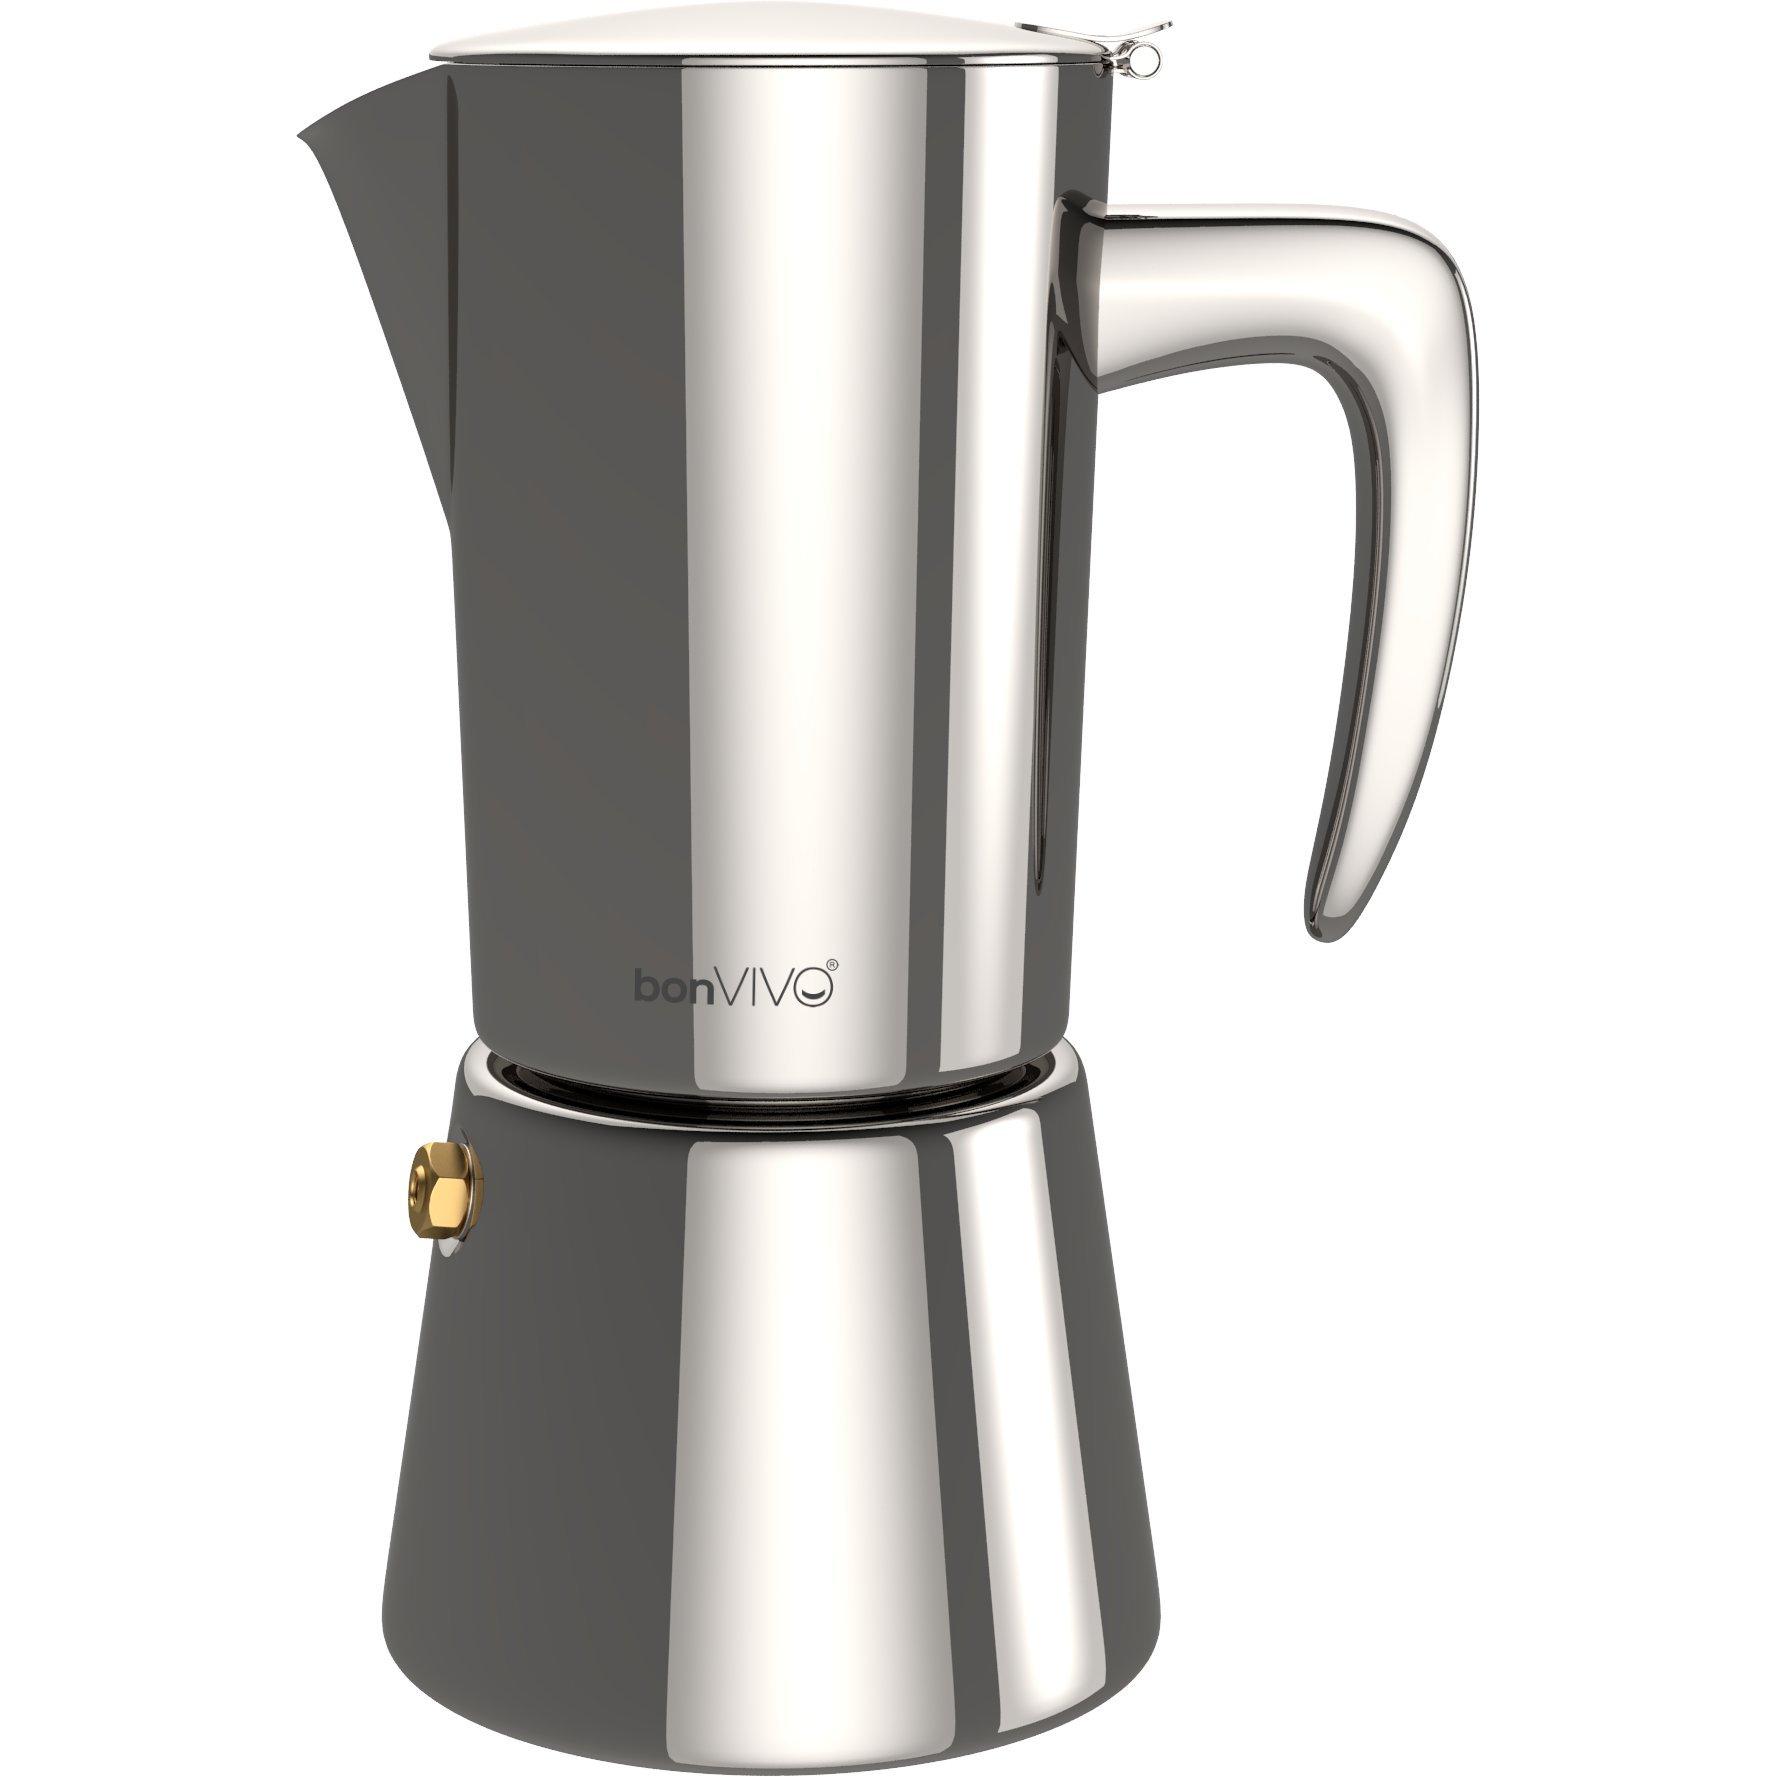 bonVIVO Intenca Stovetop Espresso Maker, Italian Espresso Coffee Maker, Stainless Steel Espresso Maker Machine For Full Bodied Coffee, Espresso Pot For 5-6 Cups, Moka Pot With Silver Chrome Finish